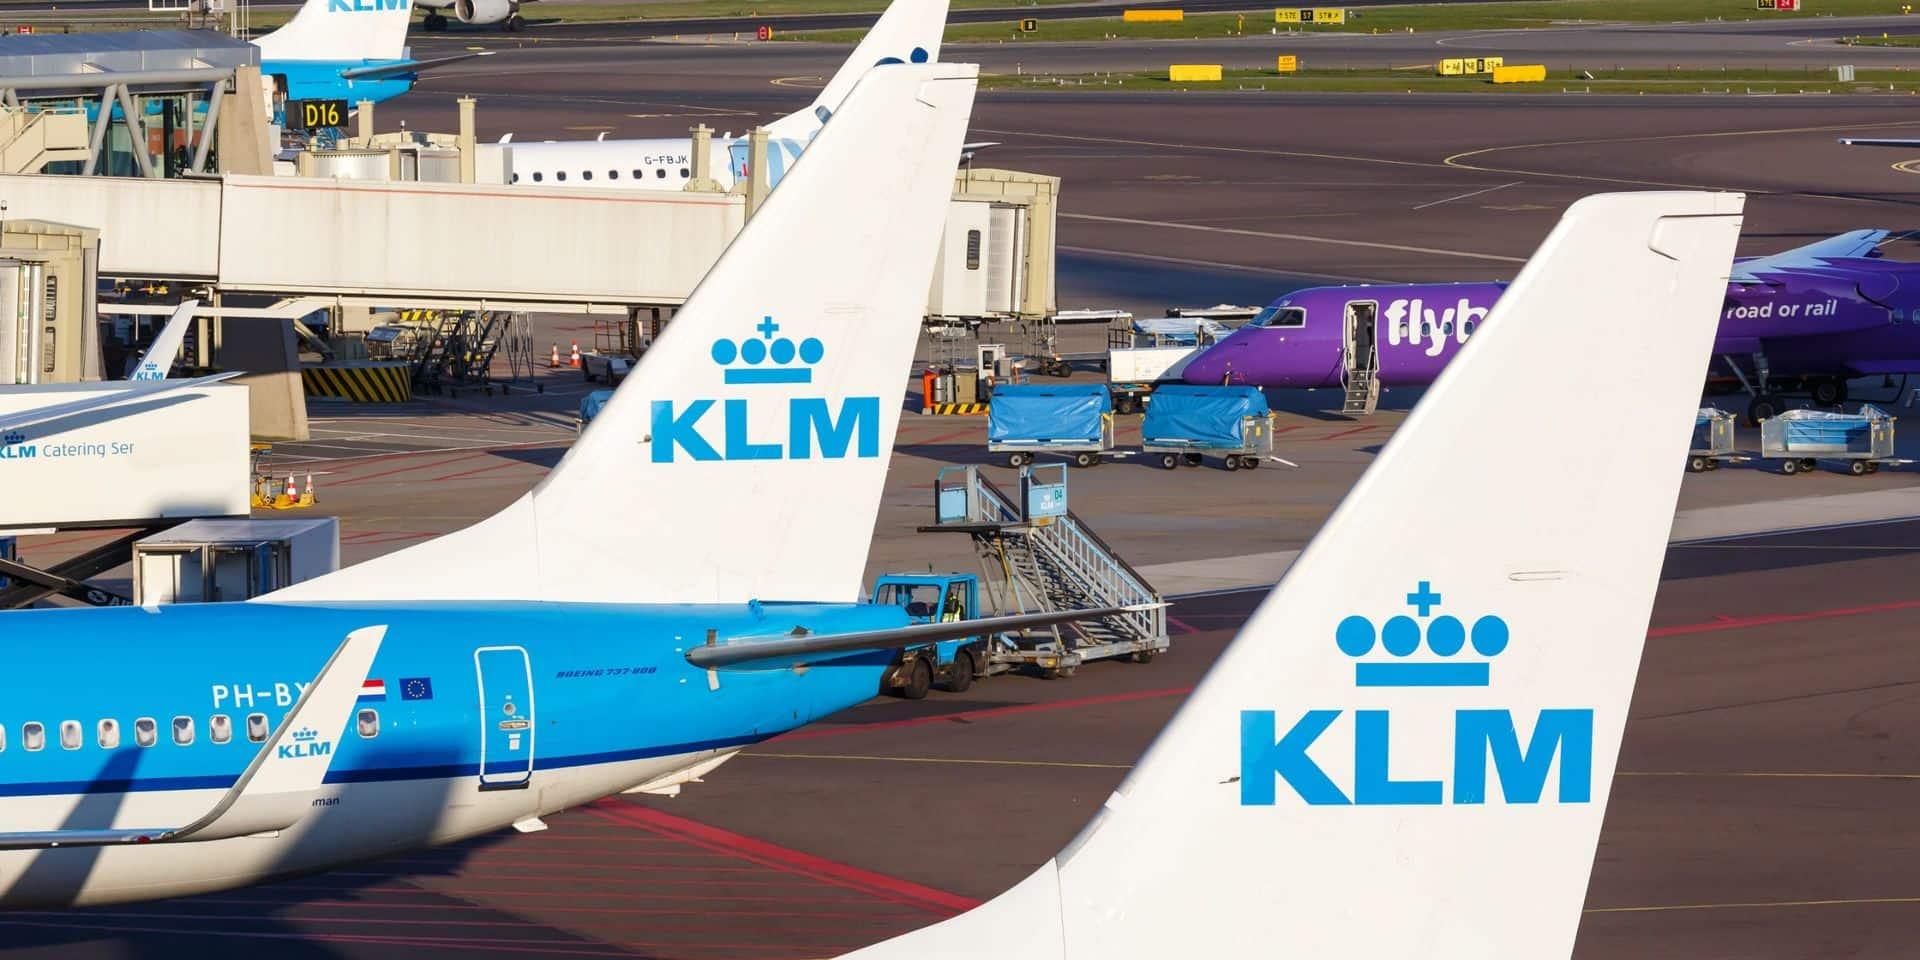 Le personnel au sol de KLM va de nouveau faire grève dimanche